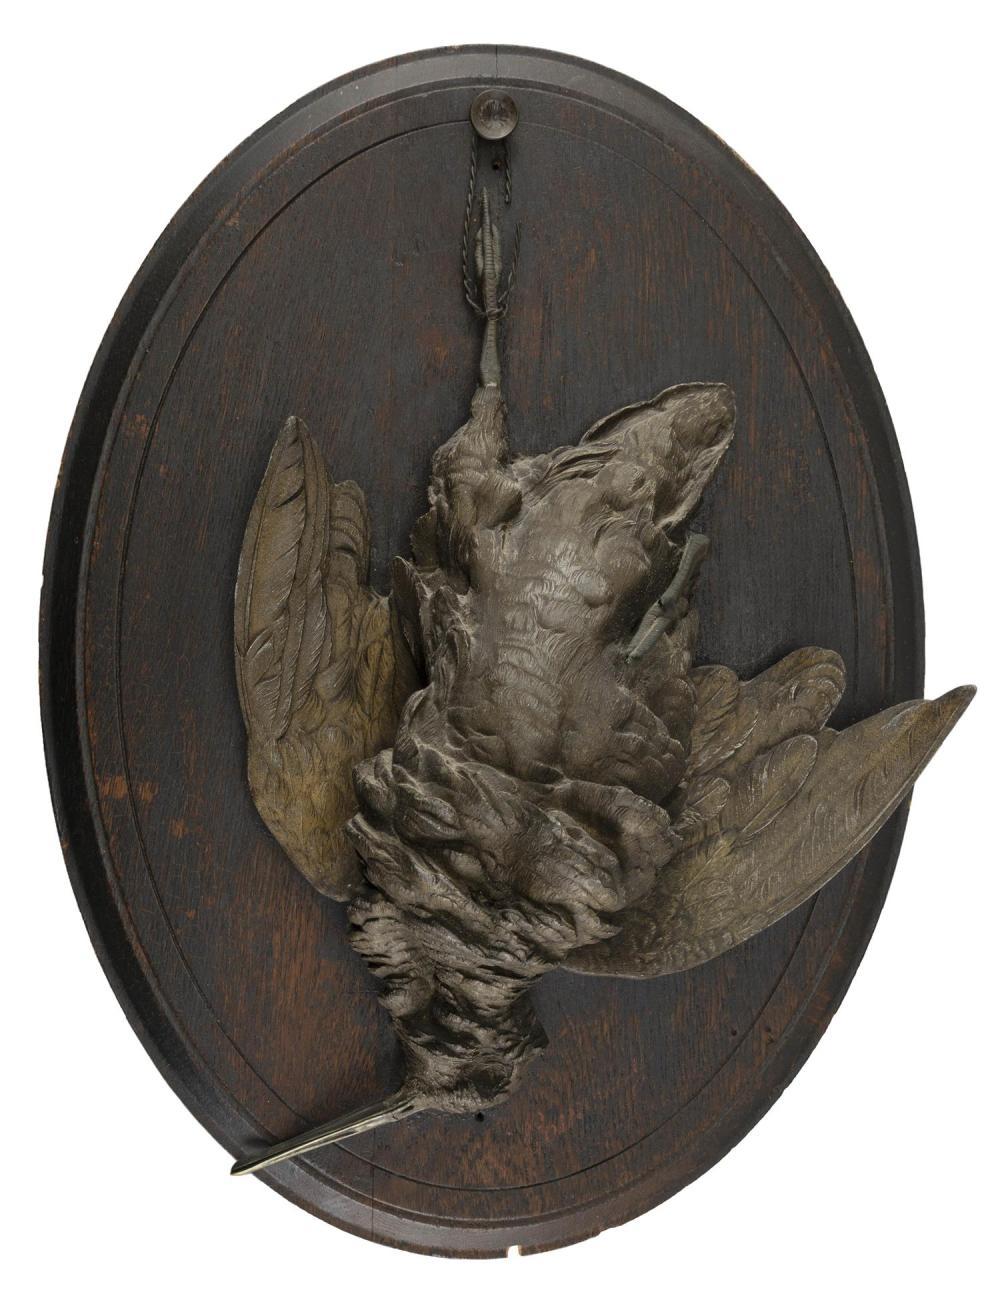 PAUL COMOLERA, France, 1818-1897, Two bird sculptures:, Patinated pot metal, 19